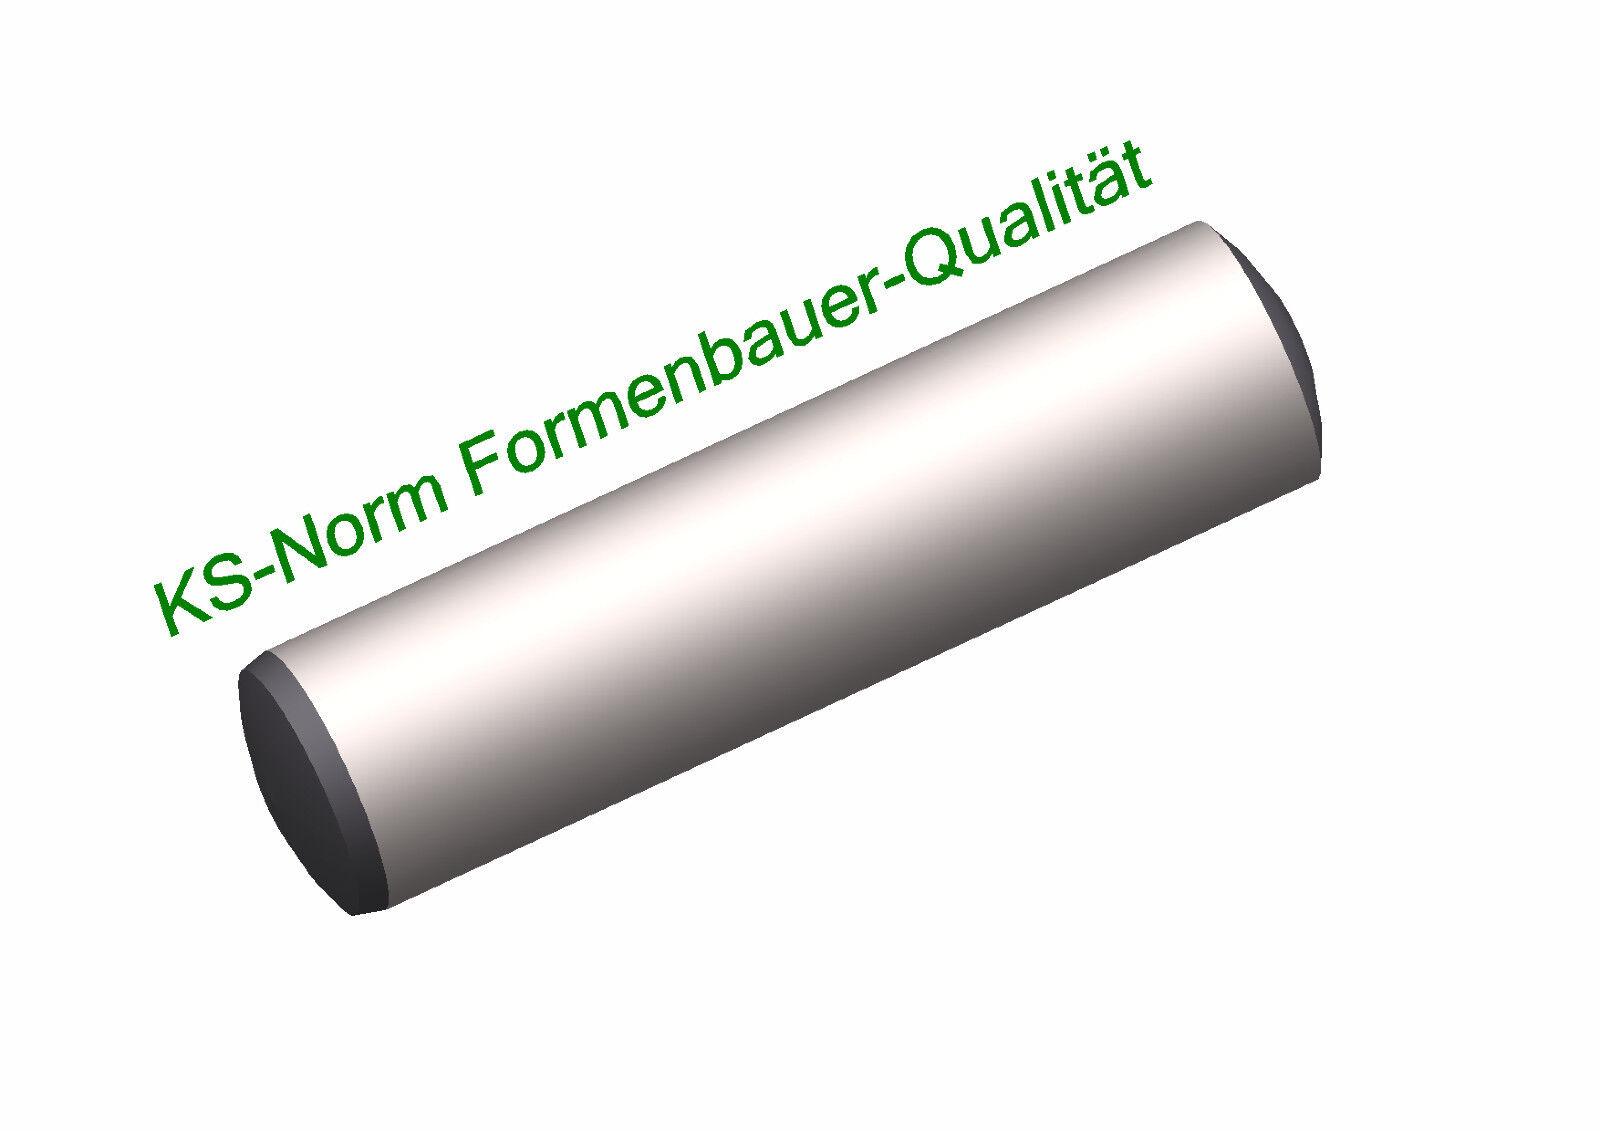 DIN 6325 Zylinderstifte m6  Ø 14 L 40 bis 120 ISO 8734 Normalien  | Maßstab ist der Grundstein, Qualität ist Säulenbalken, Preis ist Leiter